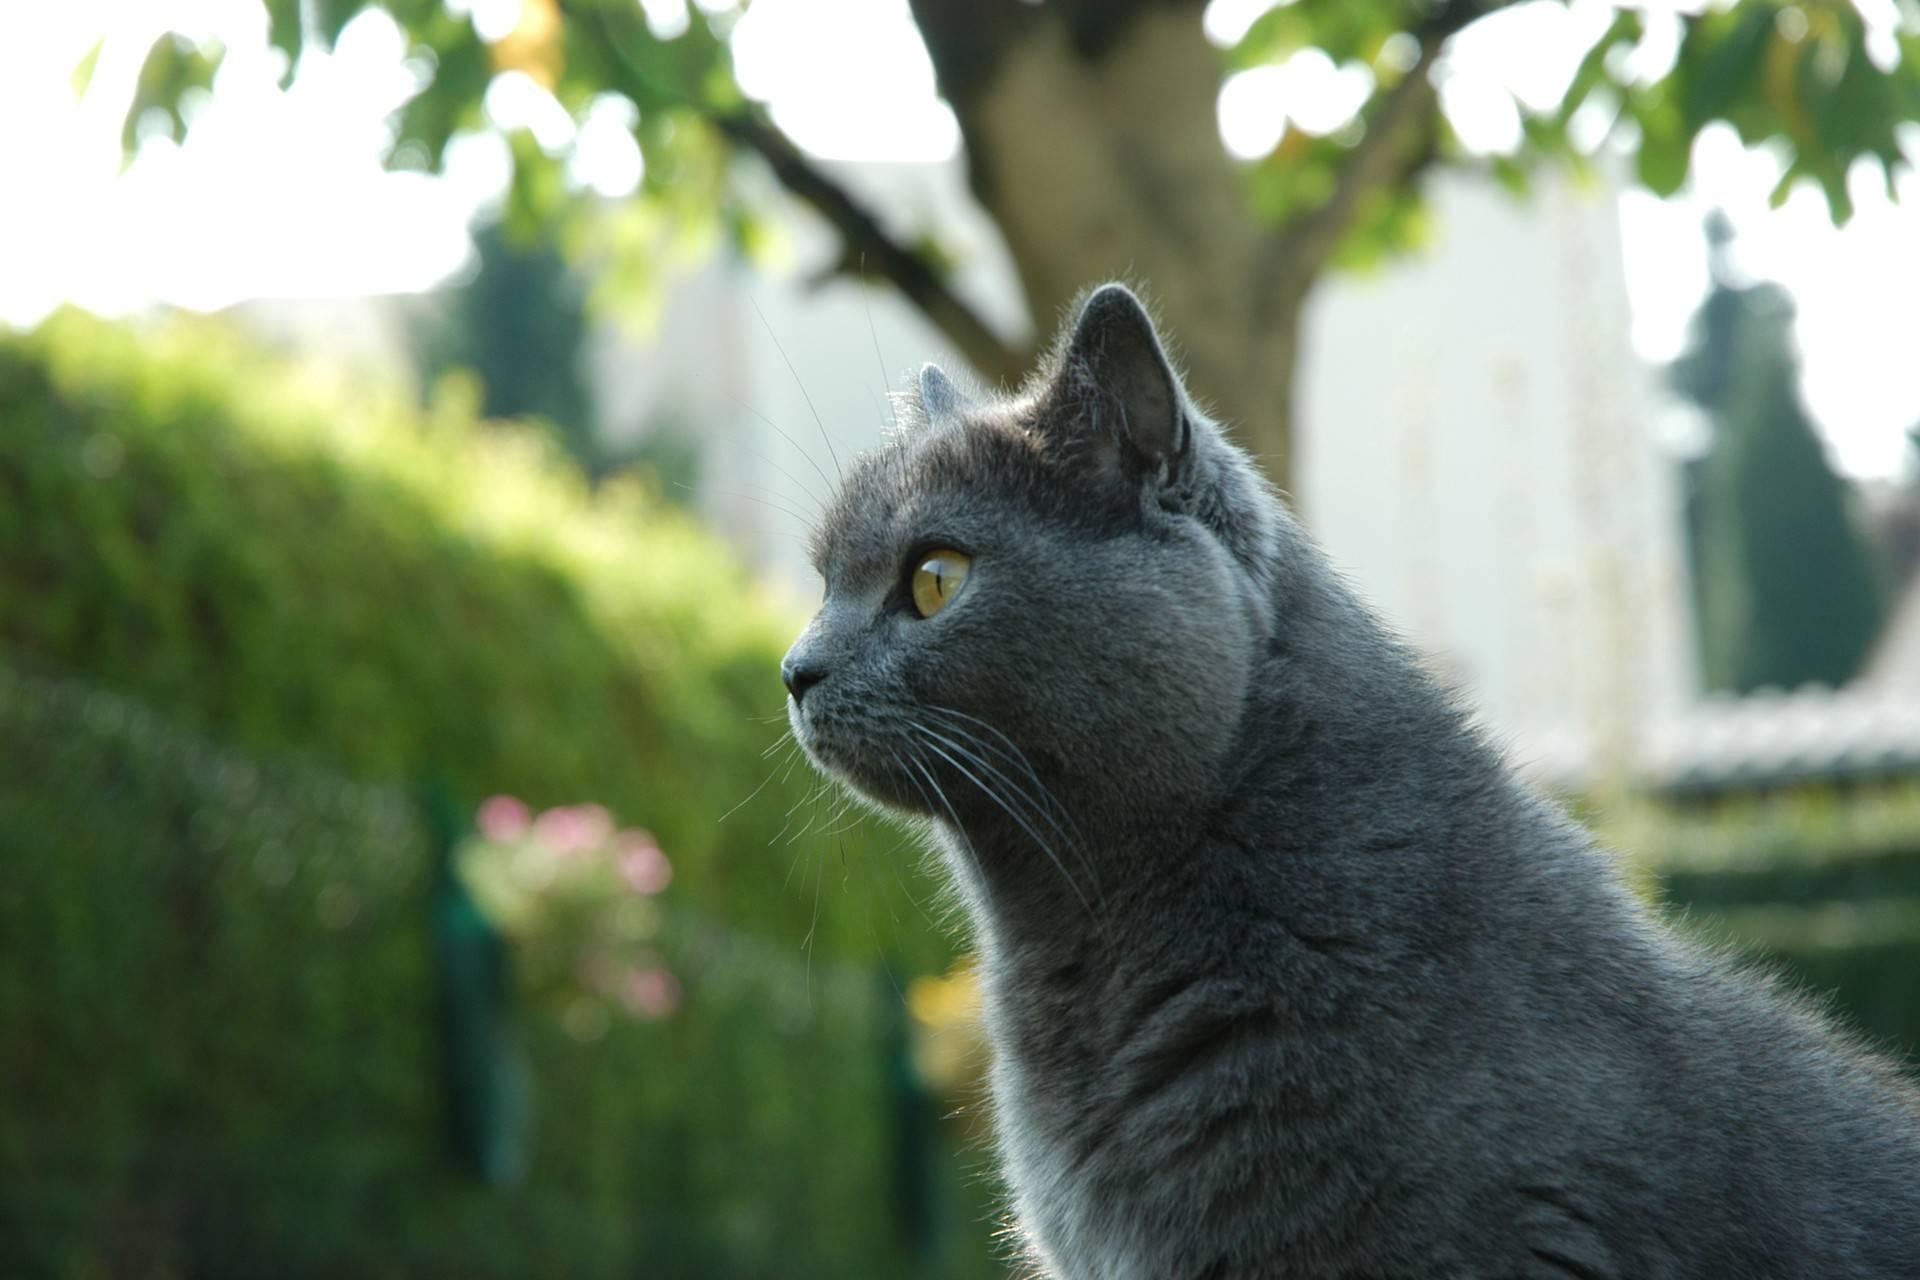 Картезианская кошка или шартрез: описание породы, внешность, характер, цена, где купить  - mimer.ru